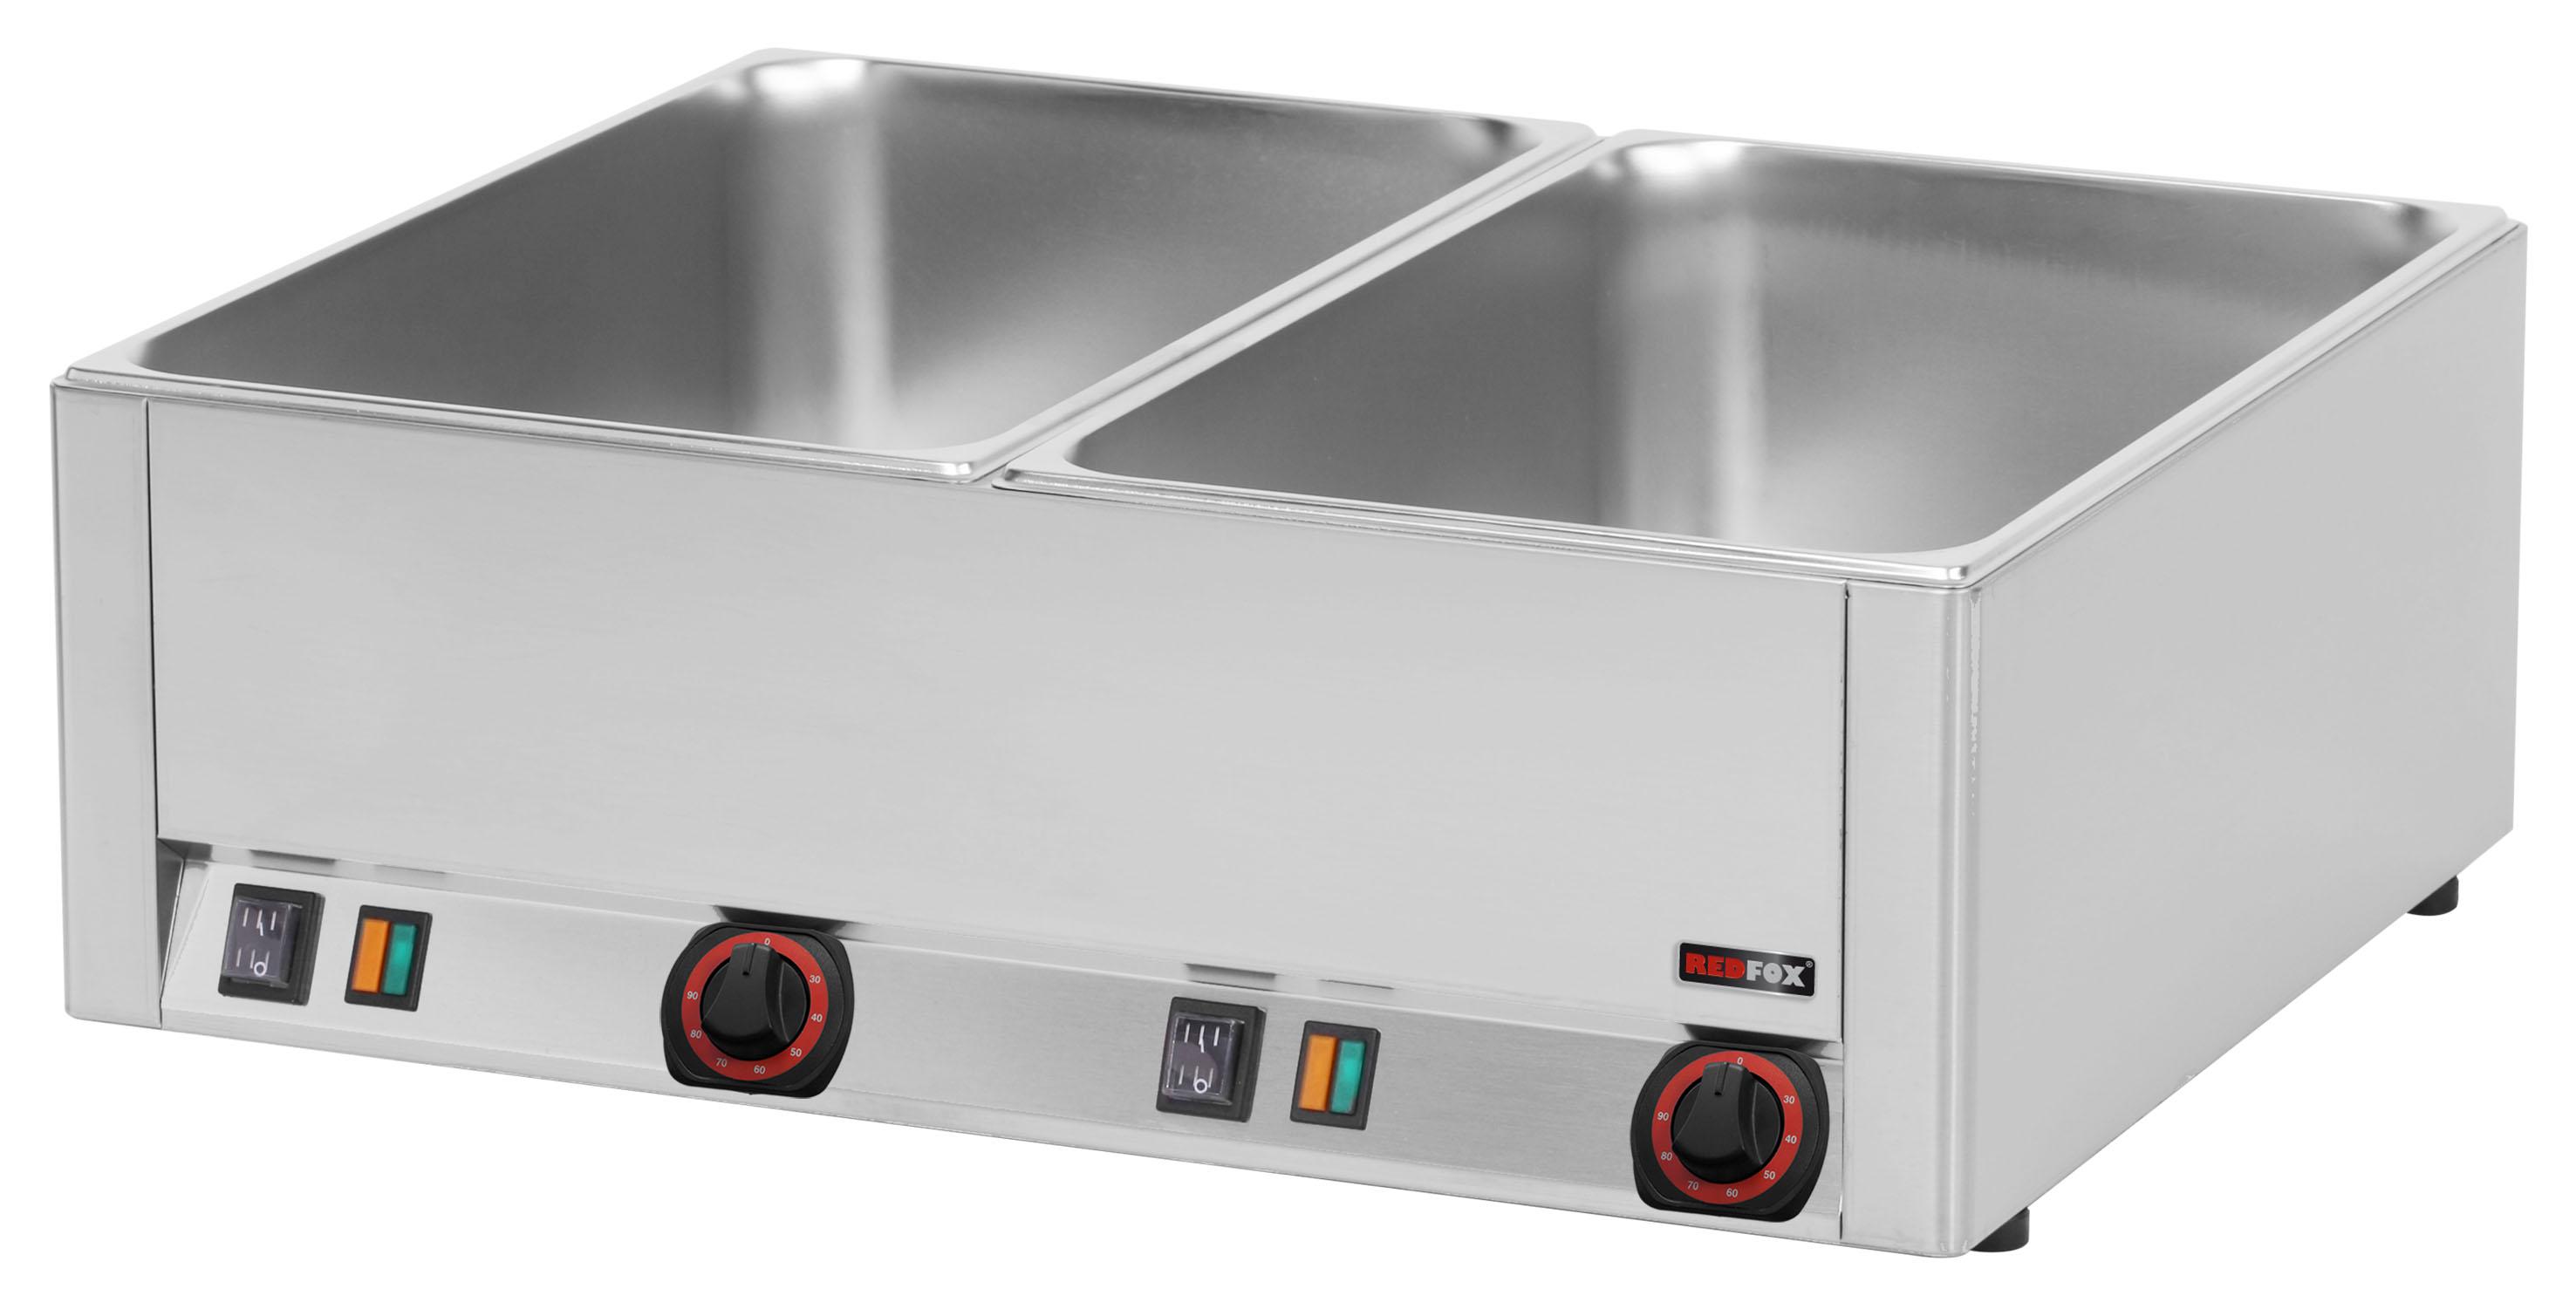 Lázeň vodní elektrická BM 2115 2x GN 1/1 REDFOX